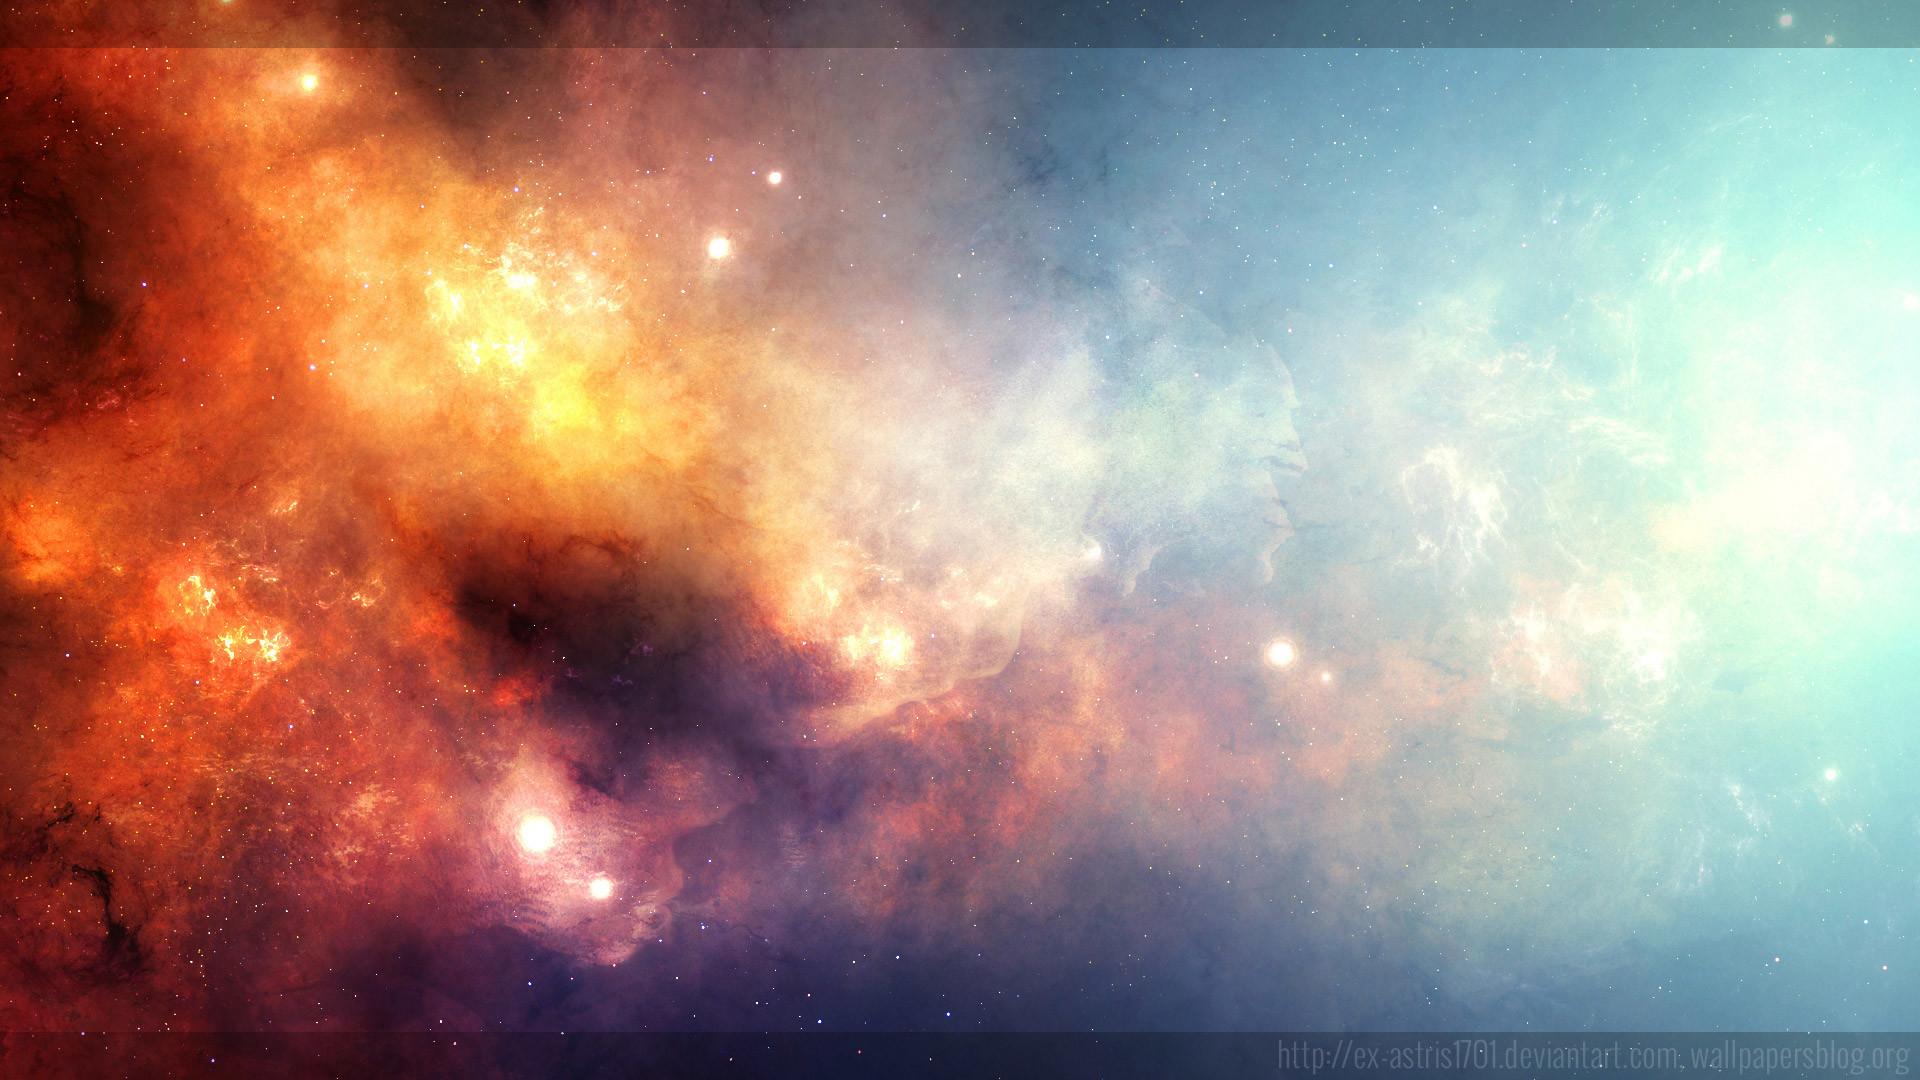 1080p space wallpaper universe hd wallpaper 1080p hd space wallpapers … Universe  Wallpapers 1080p